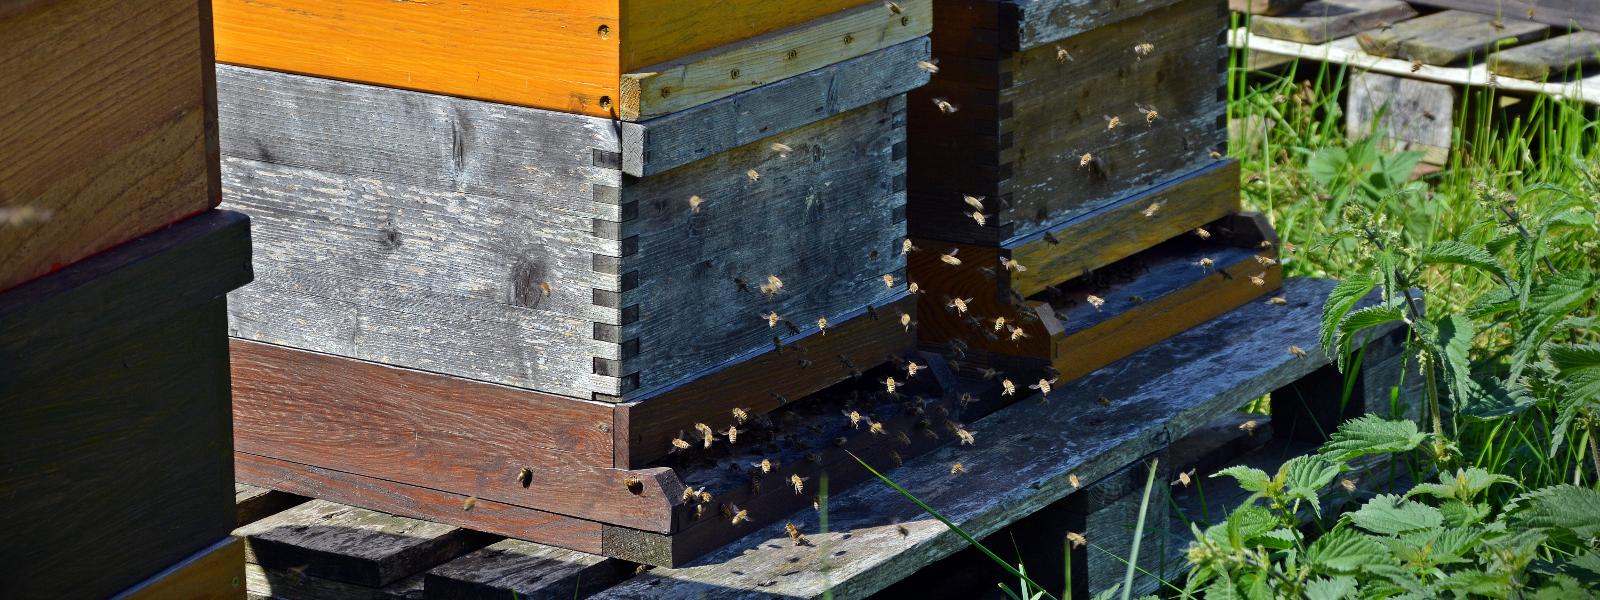 Покупаем мед оптом, дорого. Приглашаем к сотрудничеству пасечников и заготовителей.